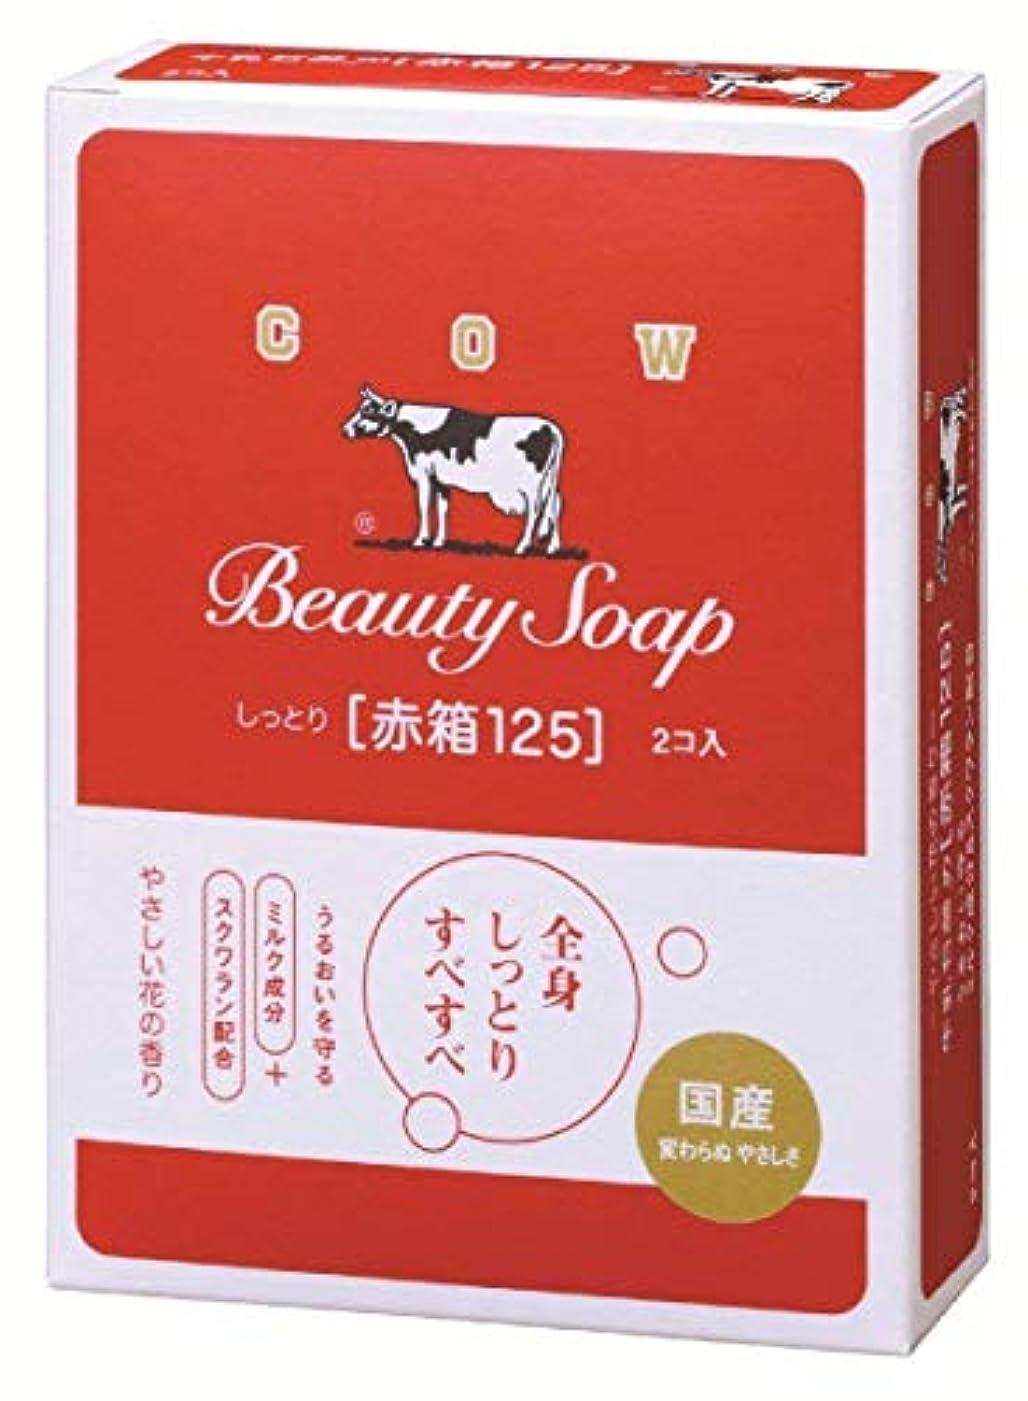 牛乳石鹸共進社 カウブランド 赤箱 125g×2コ入り×3個